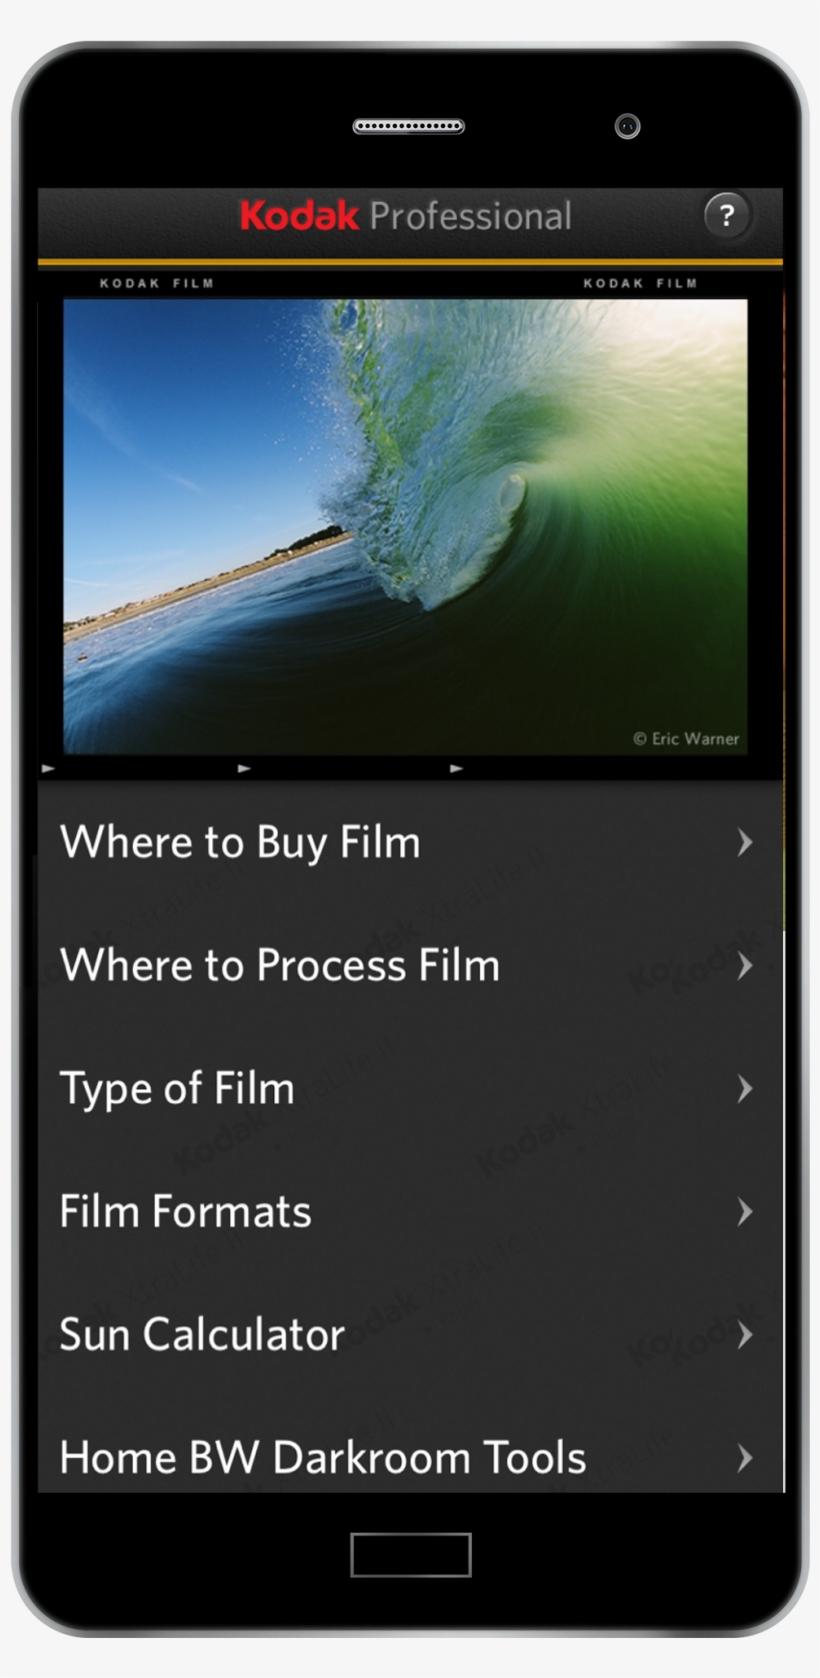 Kodak Professional Film App - Kodak Film Frame App PNG Image